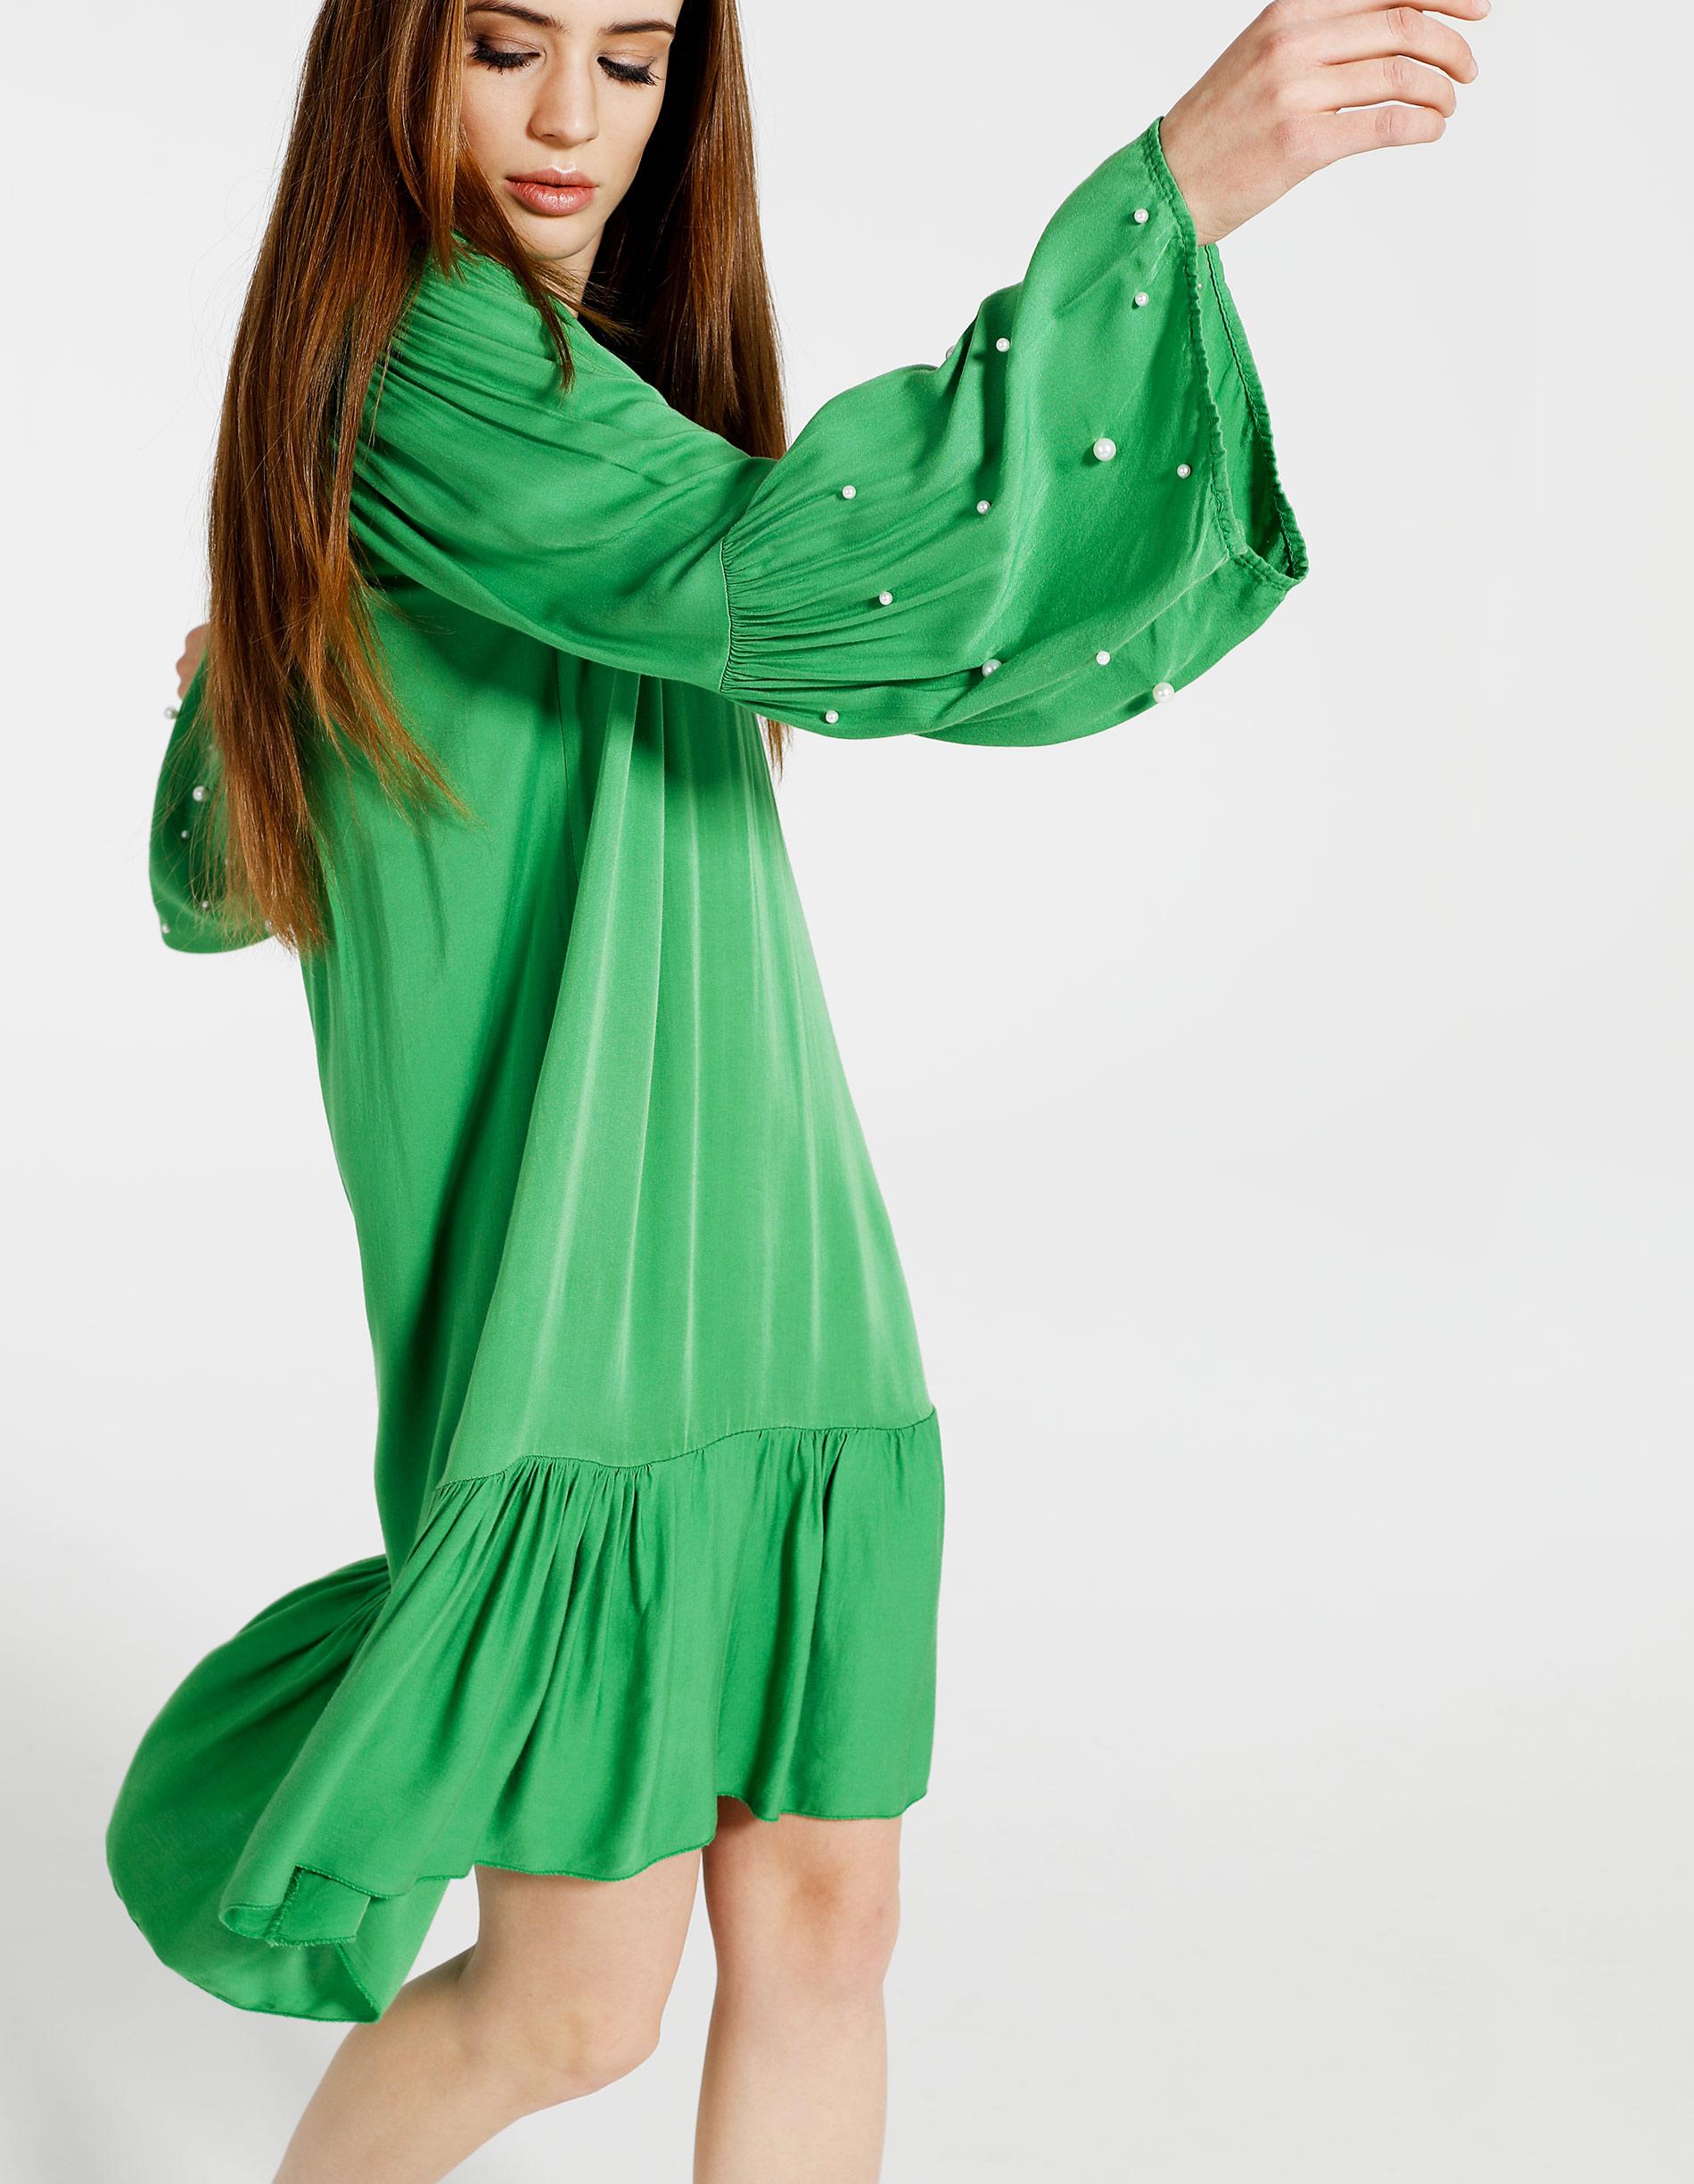 Sukienka - 115-3492 VE G - Unisono